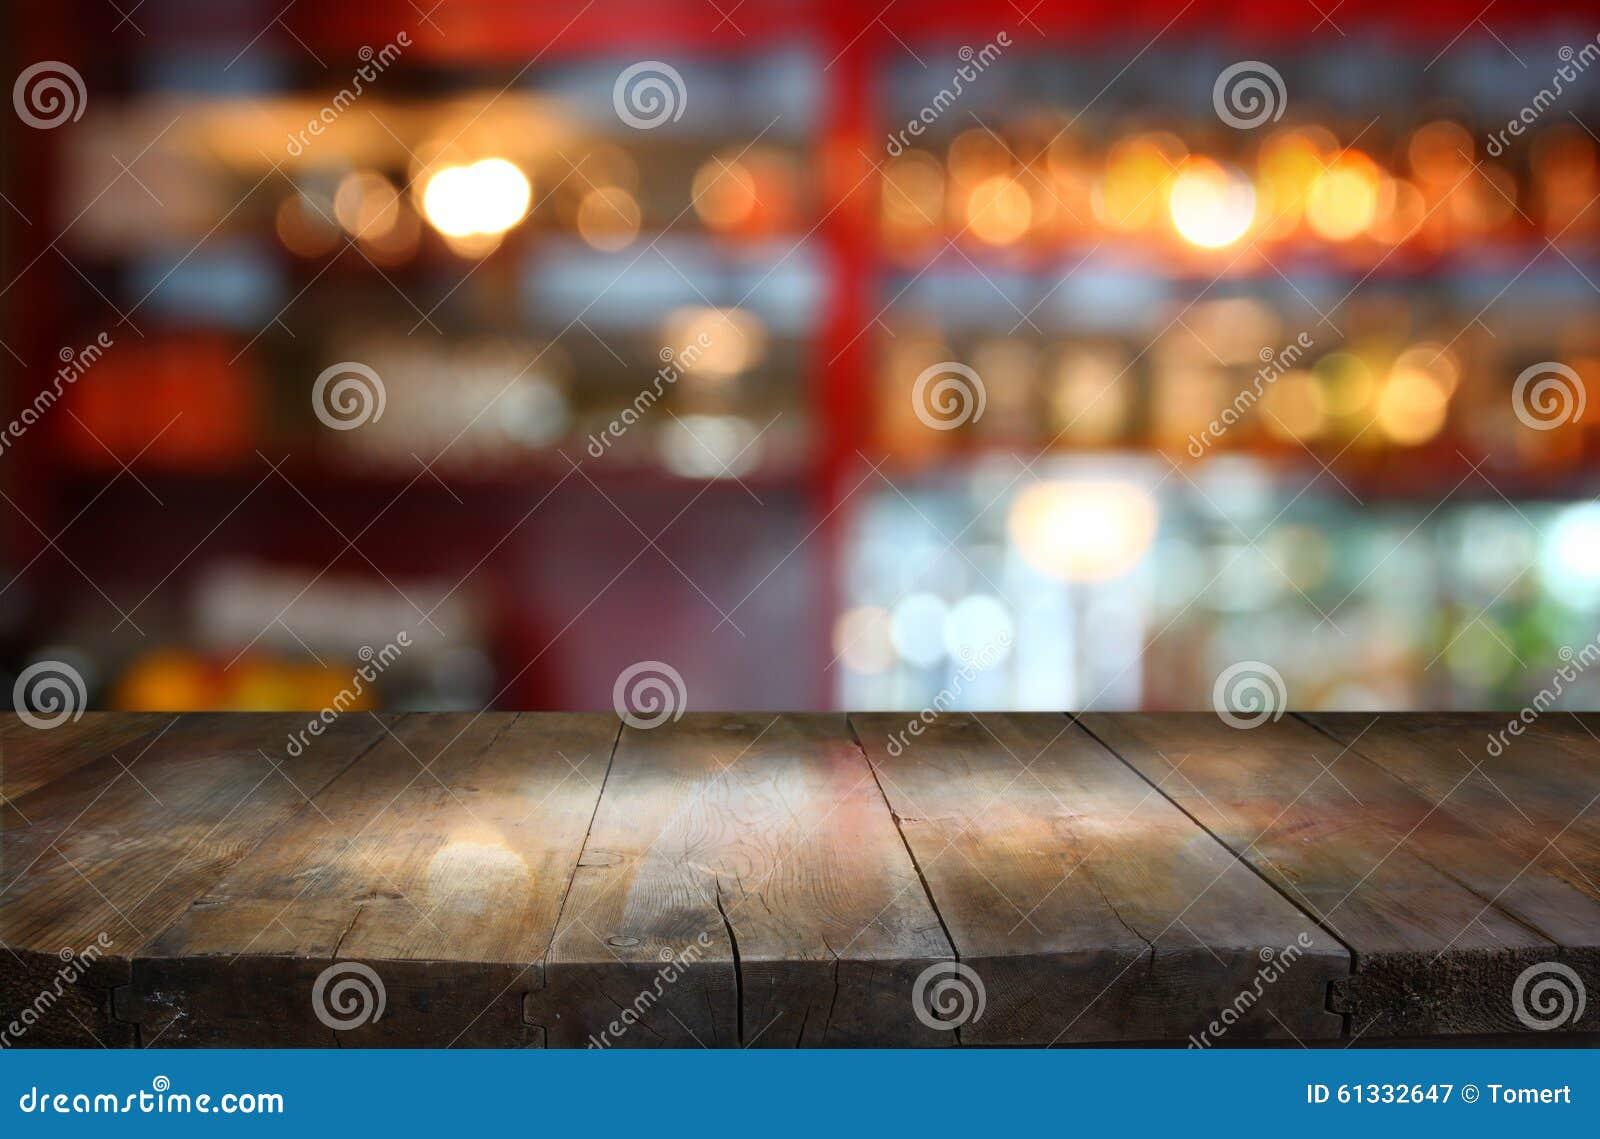 Εικόνα του ξύλινου πίνακα μπροστά από θολωμένο το περίληψη υπόβαθρο των φω των εστιατορίων